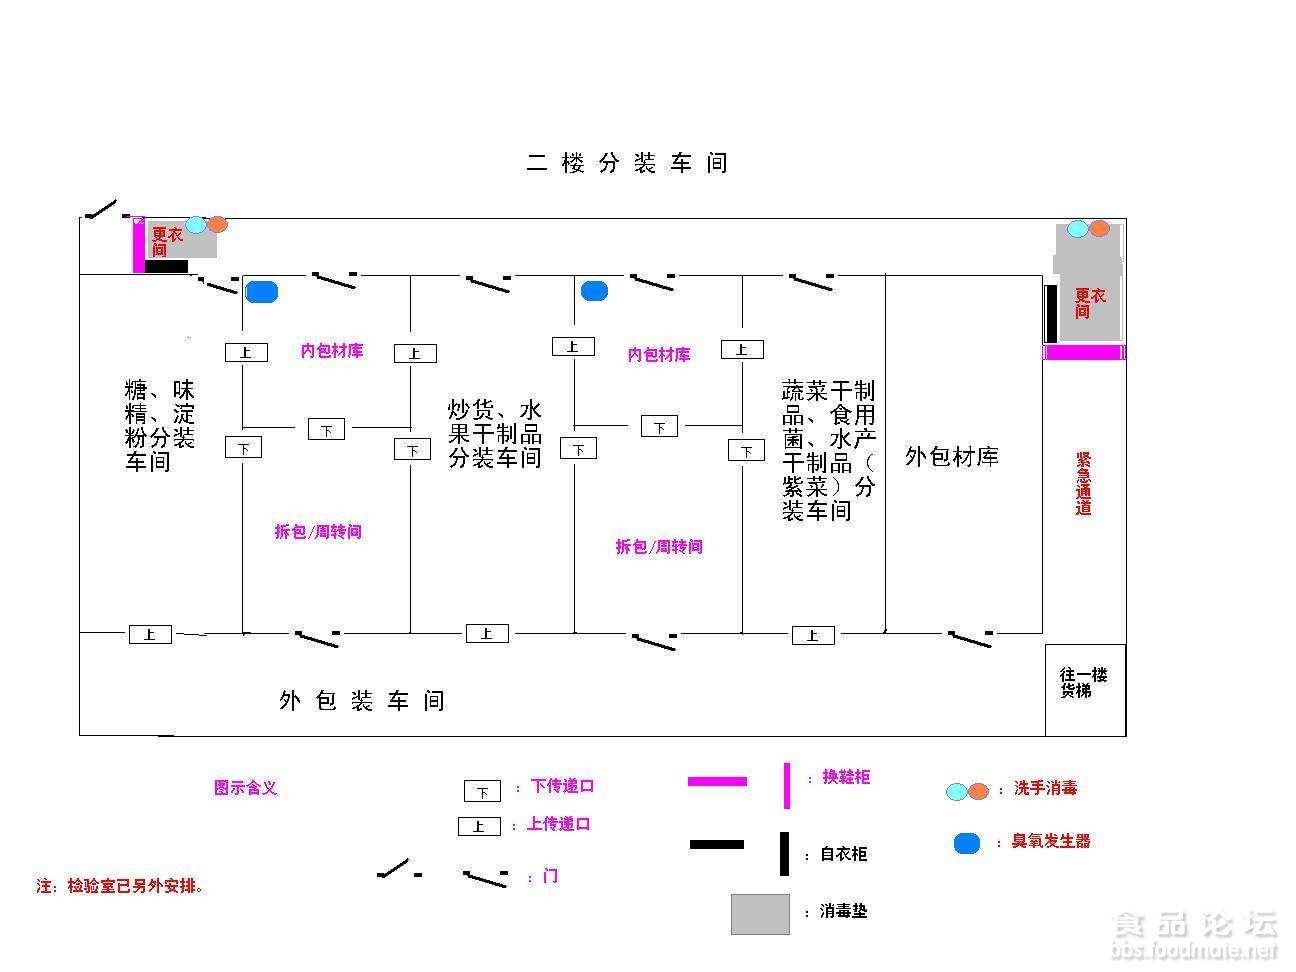 食品生产车间布局标准-布局方案